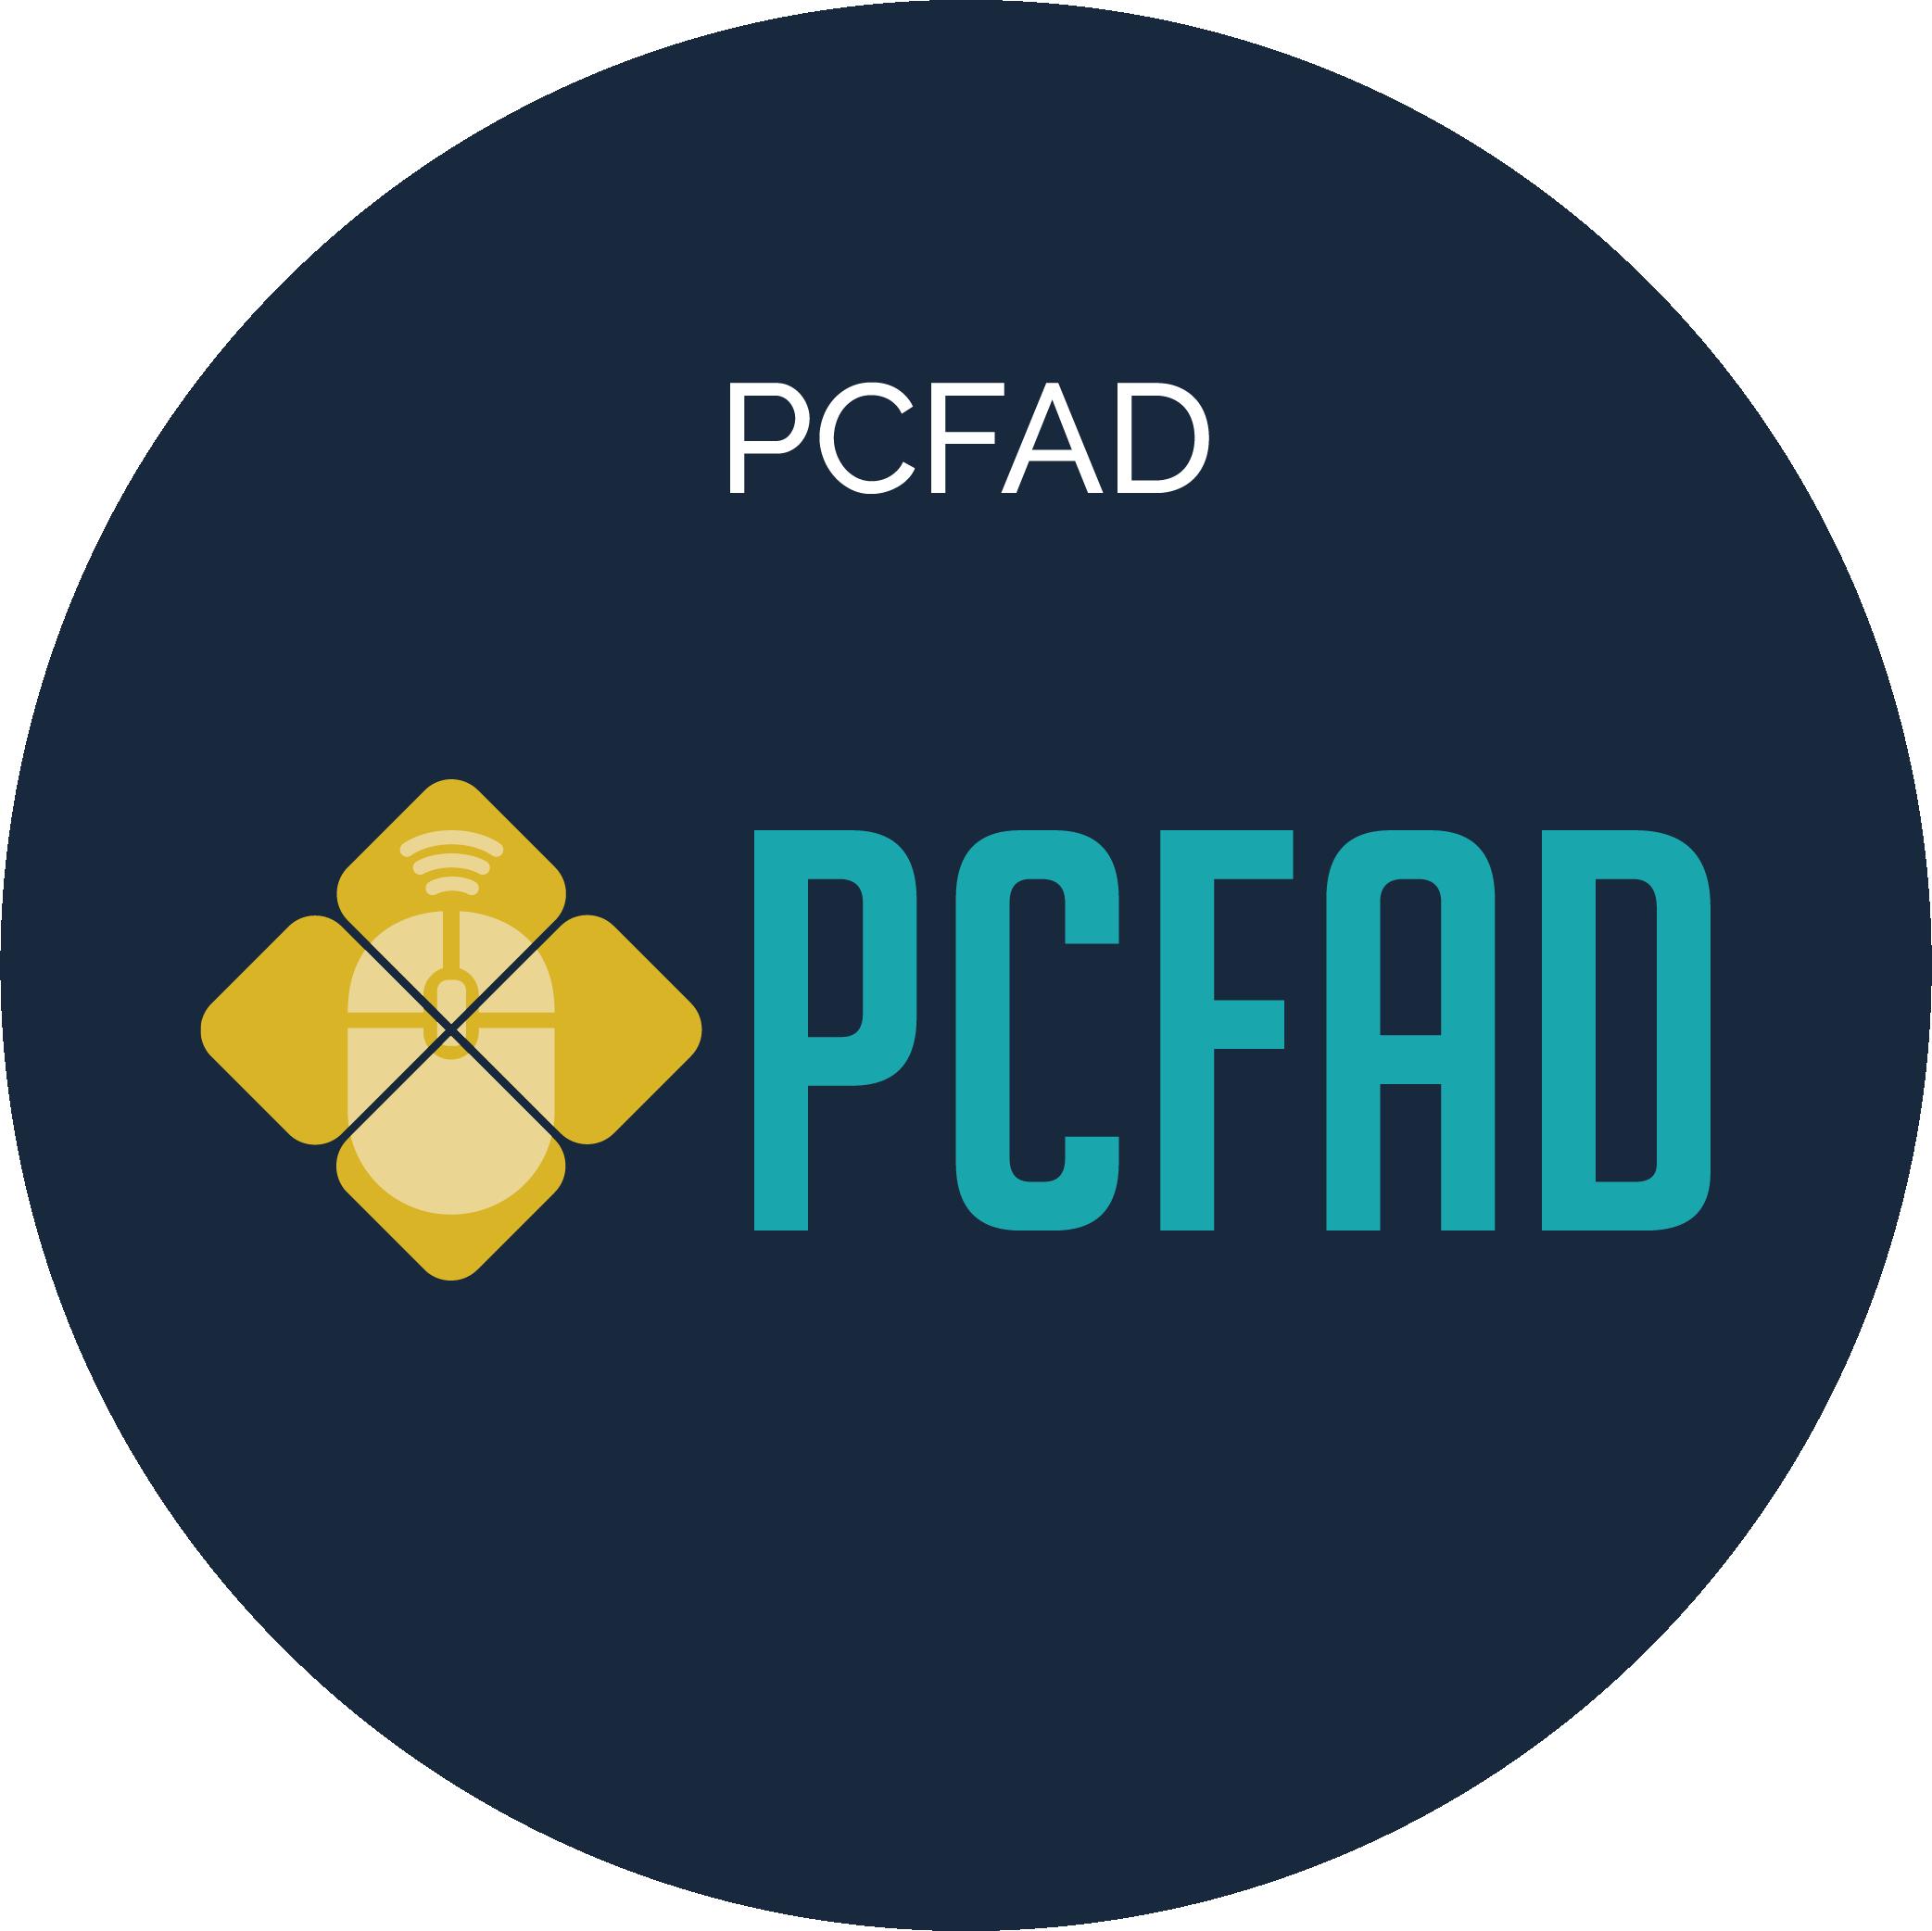 PCFAD